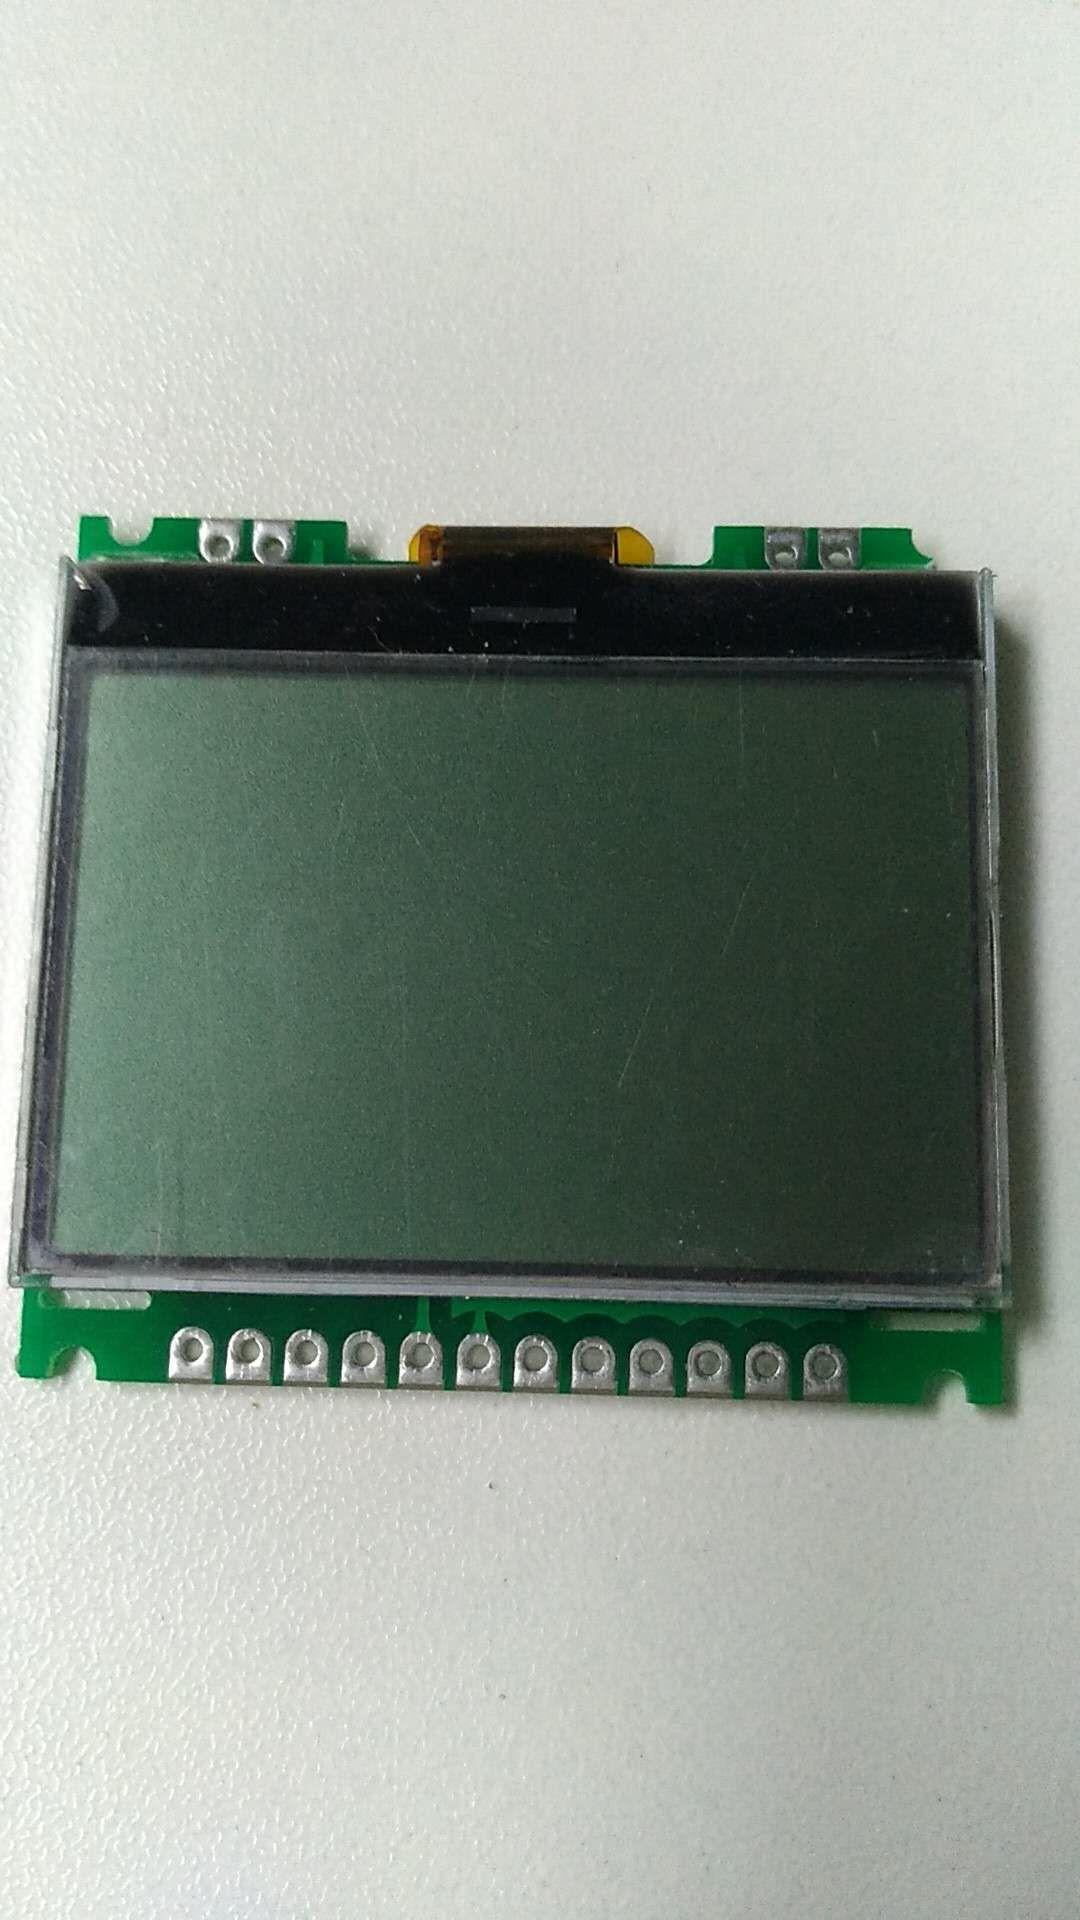 12864/1.5寸/液晶屏 12864/1.5寸液晶屏 COG液晶屏背光 COG液晶屏幕12864 液晶显示器模组